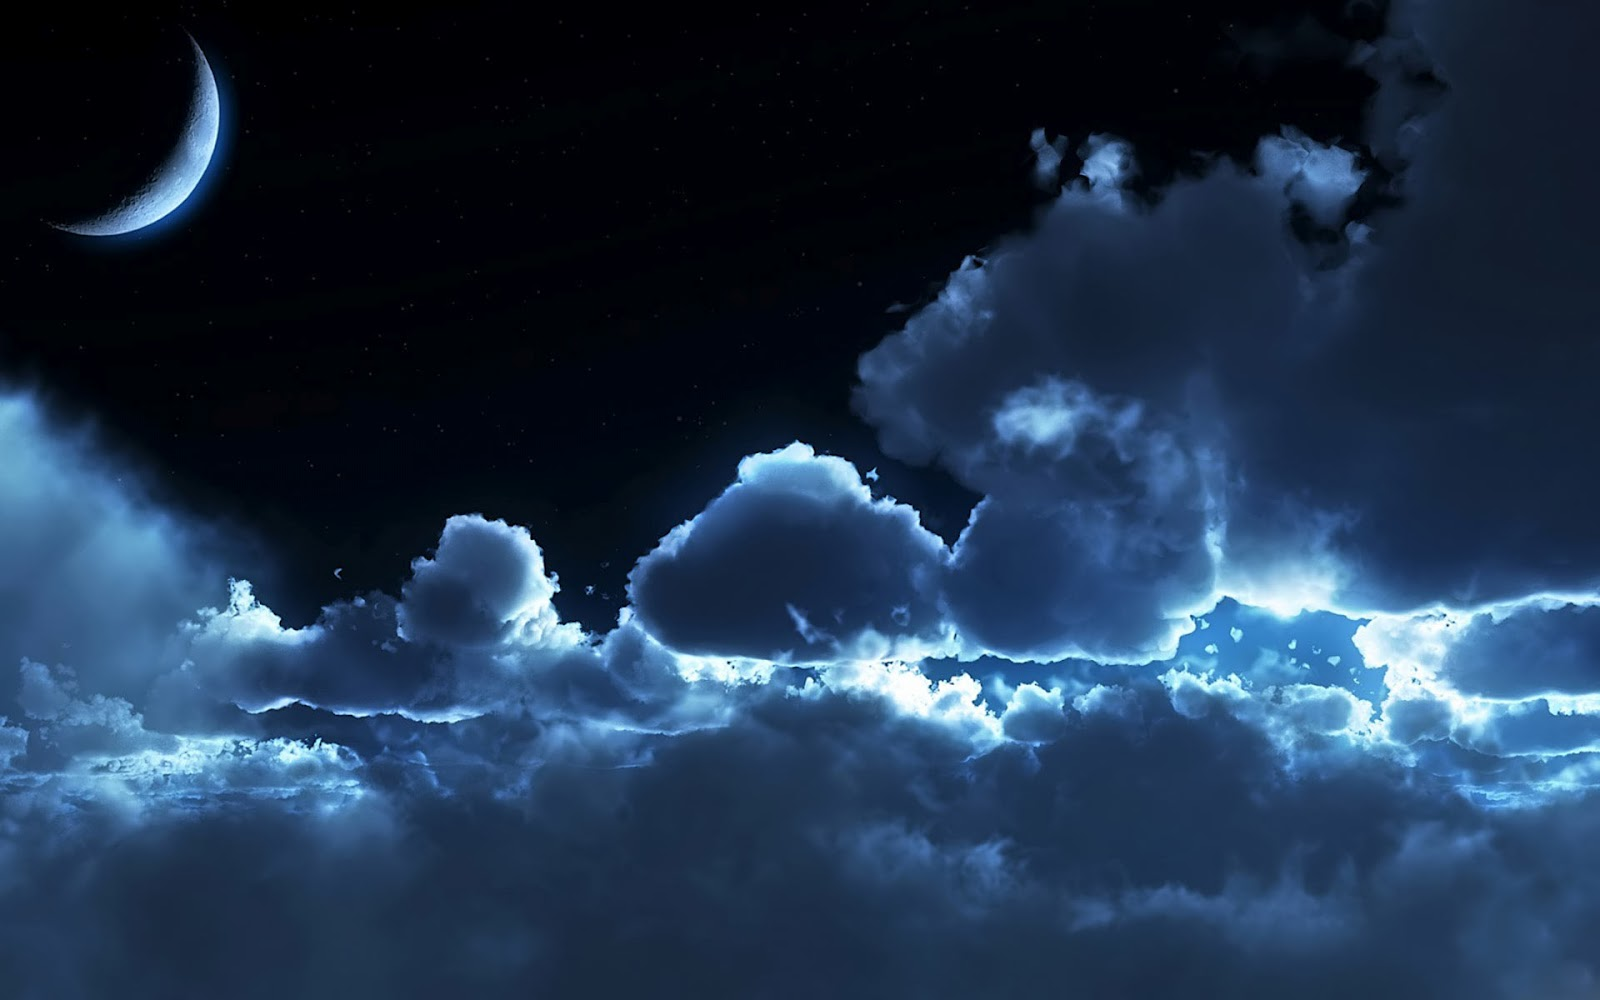 http://2.bp.blogspot.com/-QkC-lIG8NFs/T0cVv_YCxDI/AAAAAAAAO2Y/5kRae8XYS_w/s1600/_Moon-Wallpapers_40002.jpg